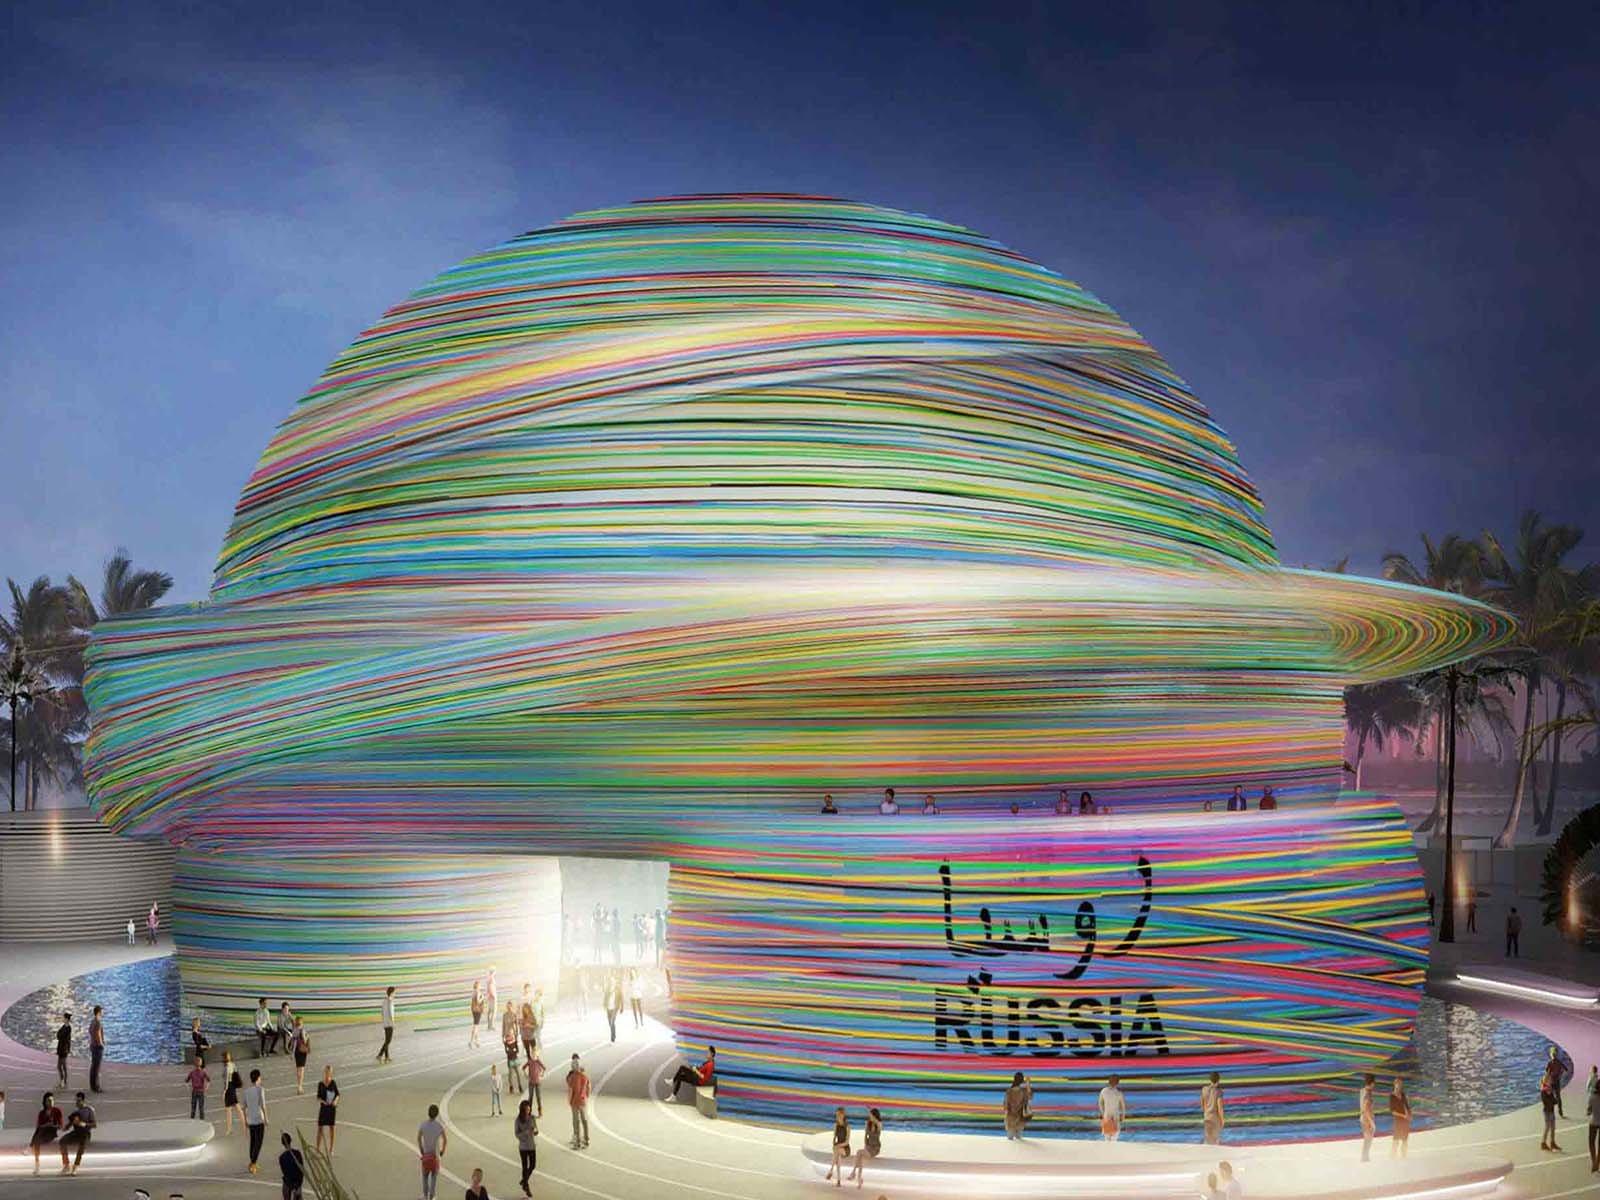 Инновационный павильон Россия экспо 2020 в Дубае